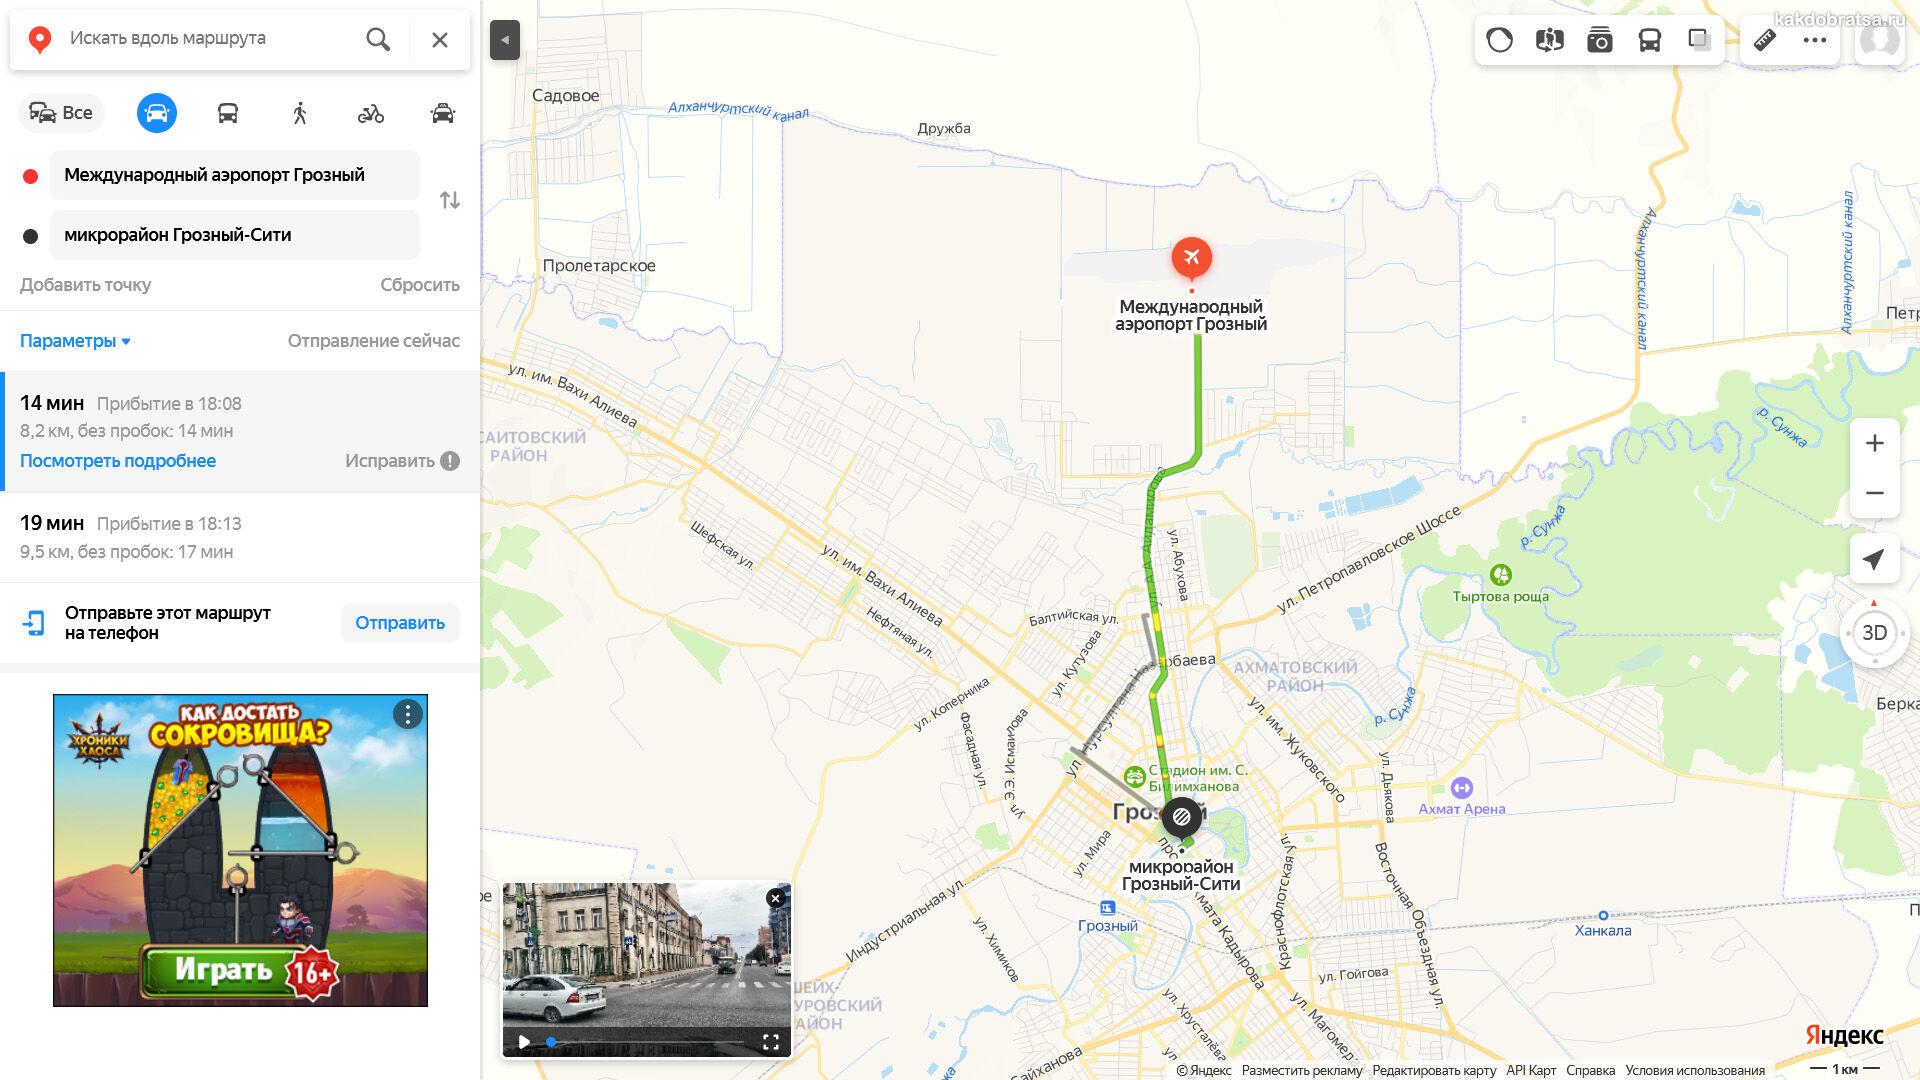 Грозный аэропорт на карте и адрес